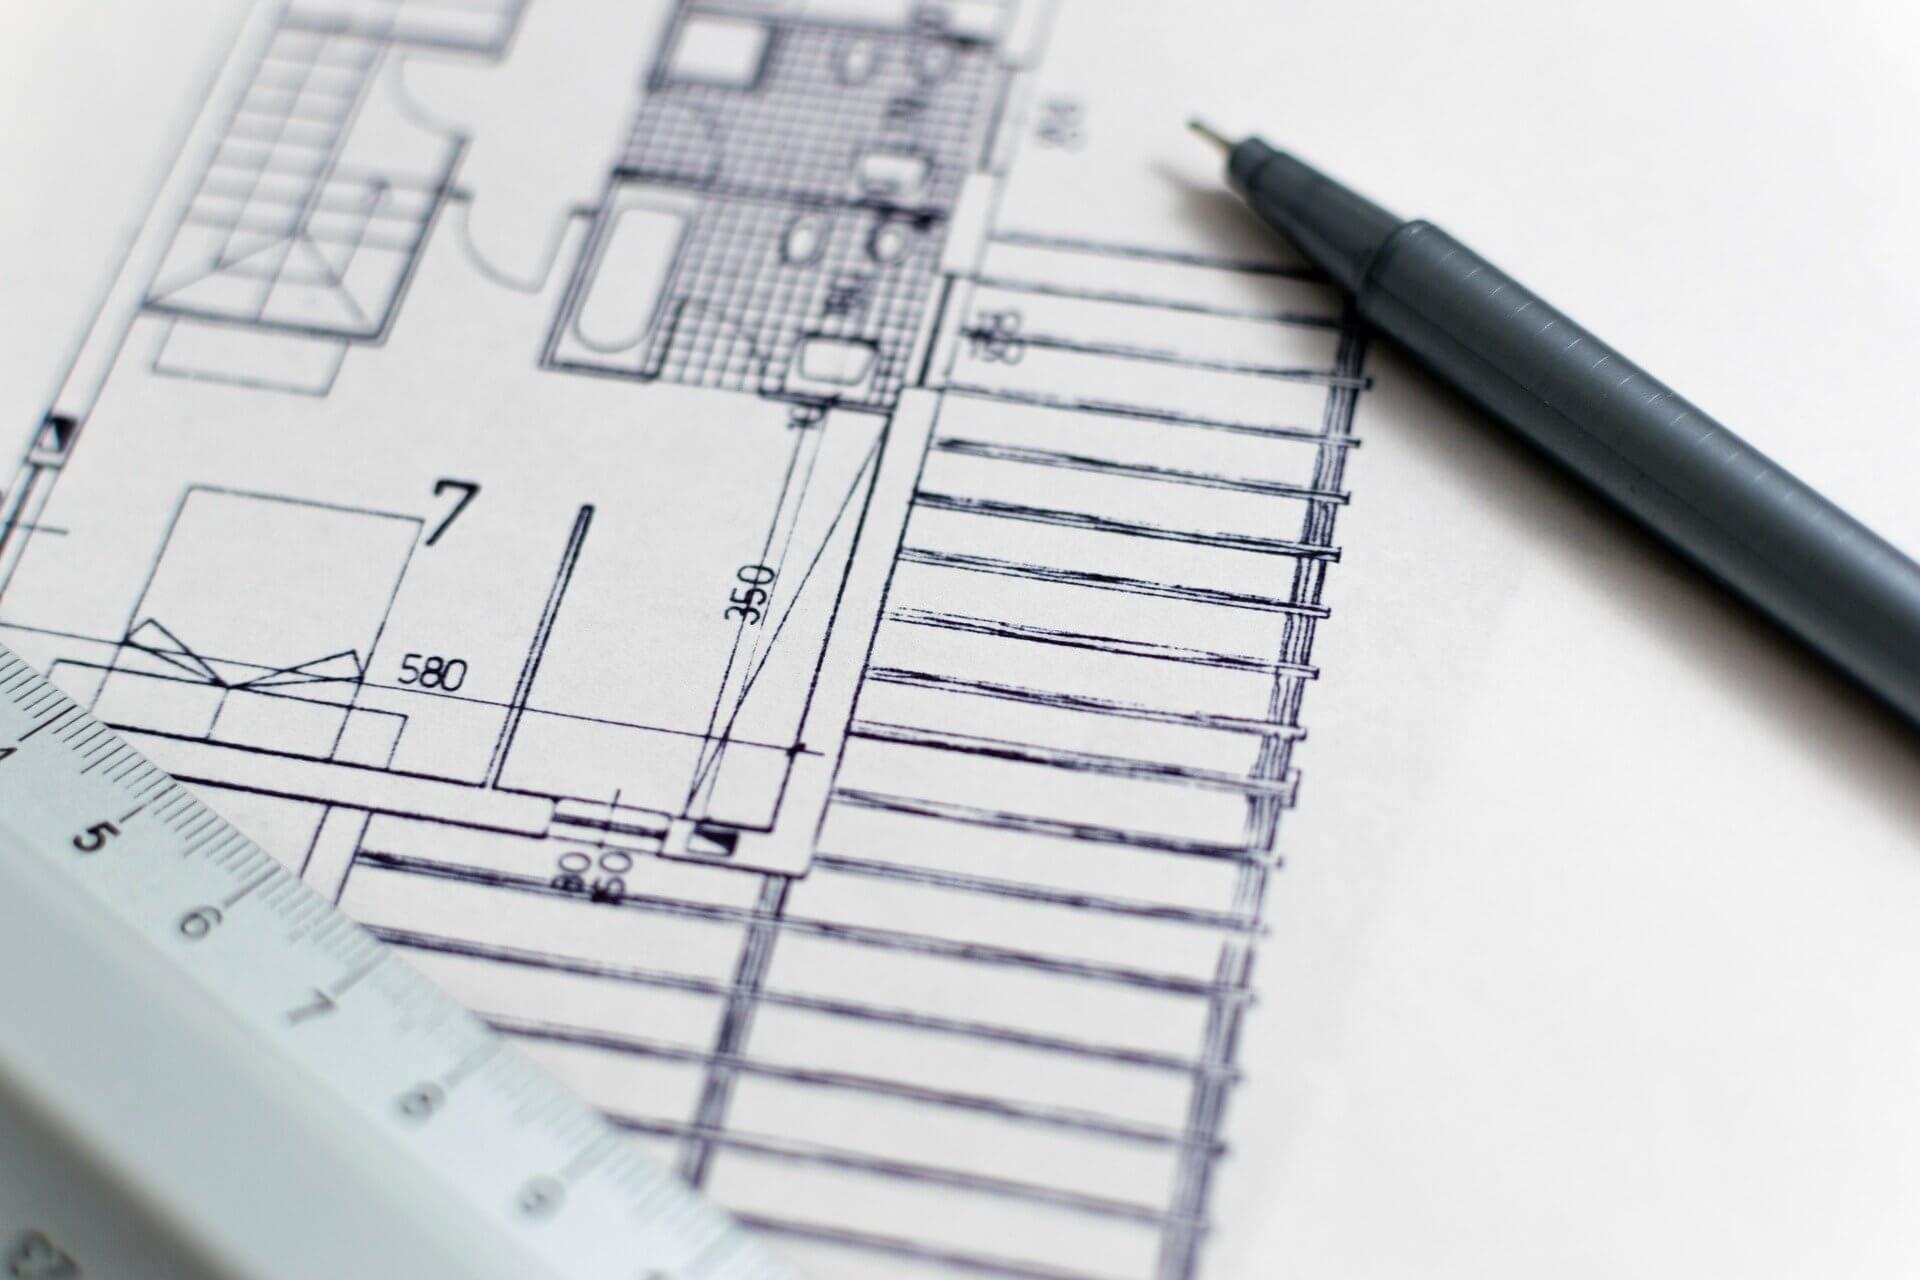 architecture-1857175_1920 店舗改修を依頼する前に!全体の流れや場面ごとに起こりやすいトラブルをご紹介